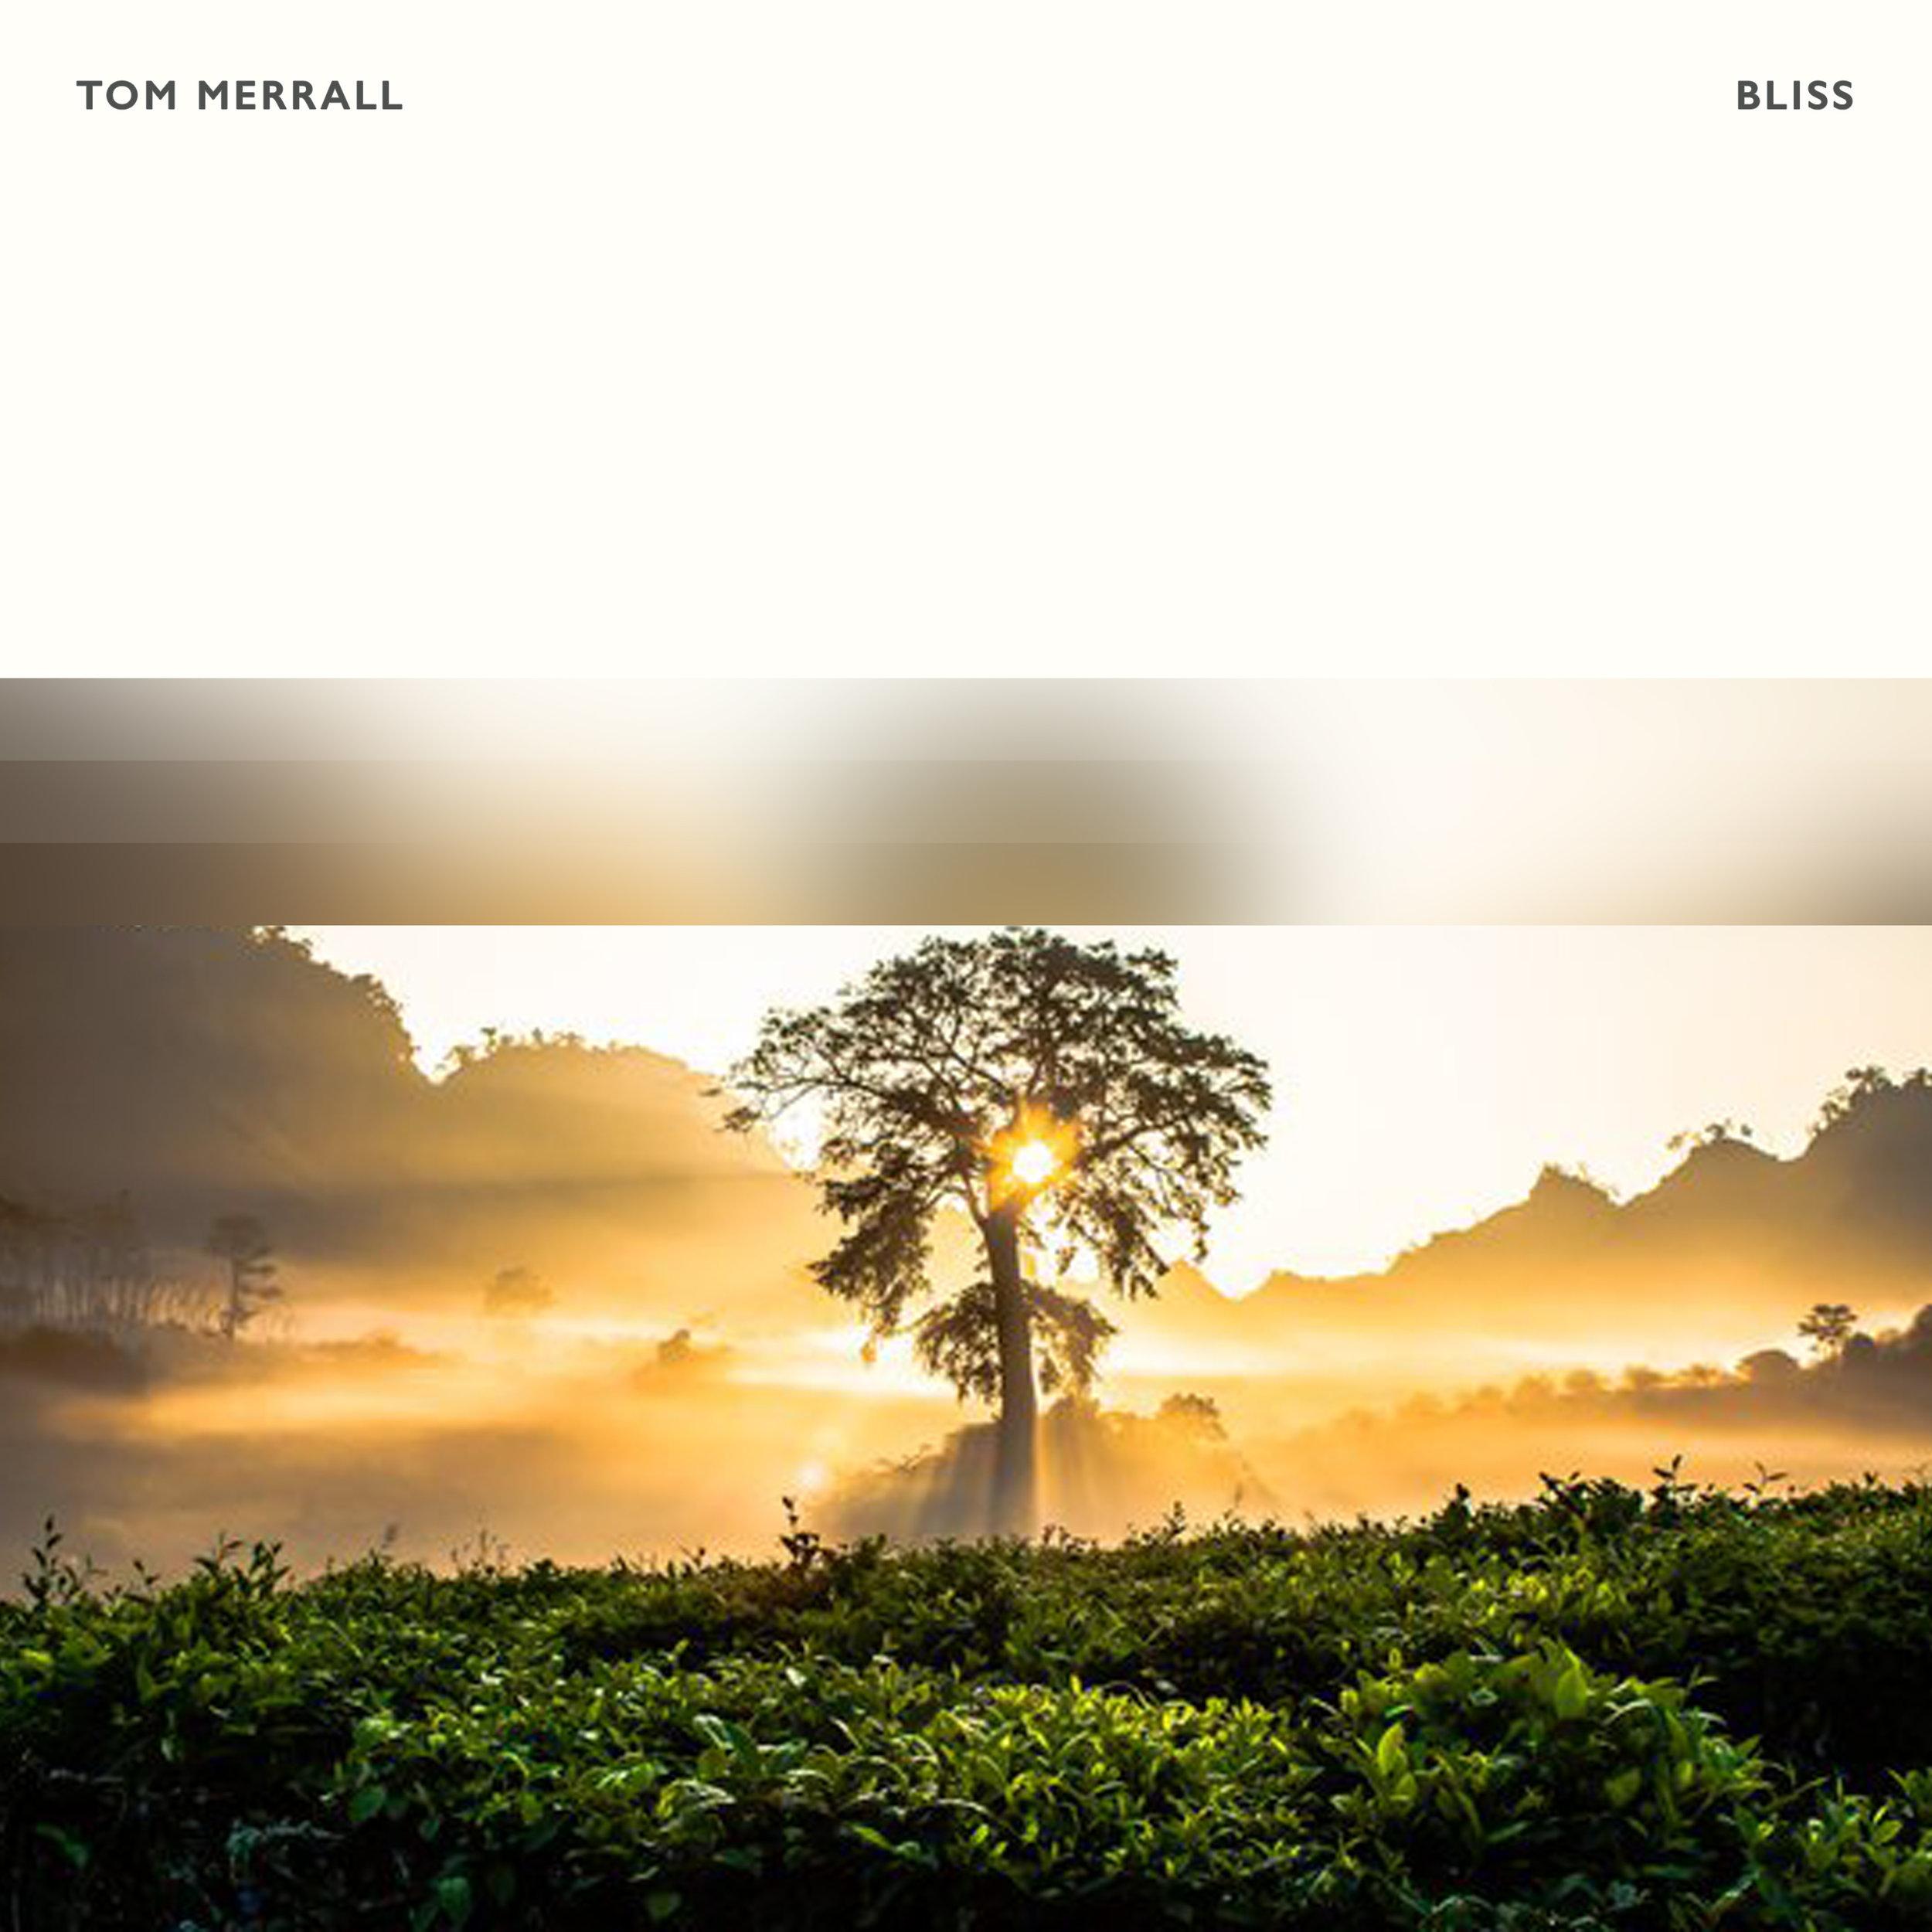 Tom Merrall - Bliss